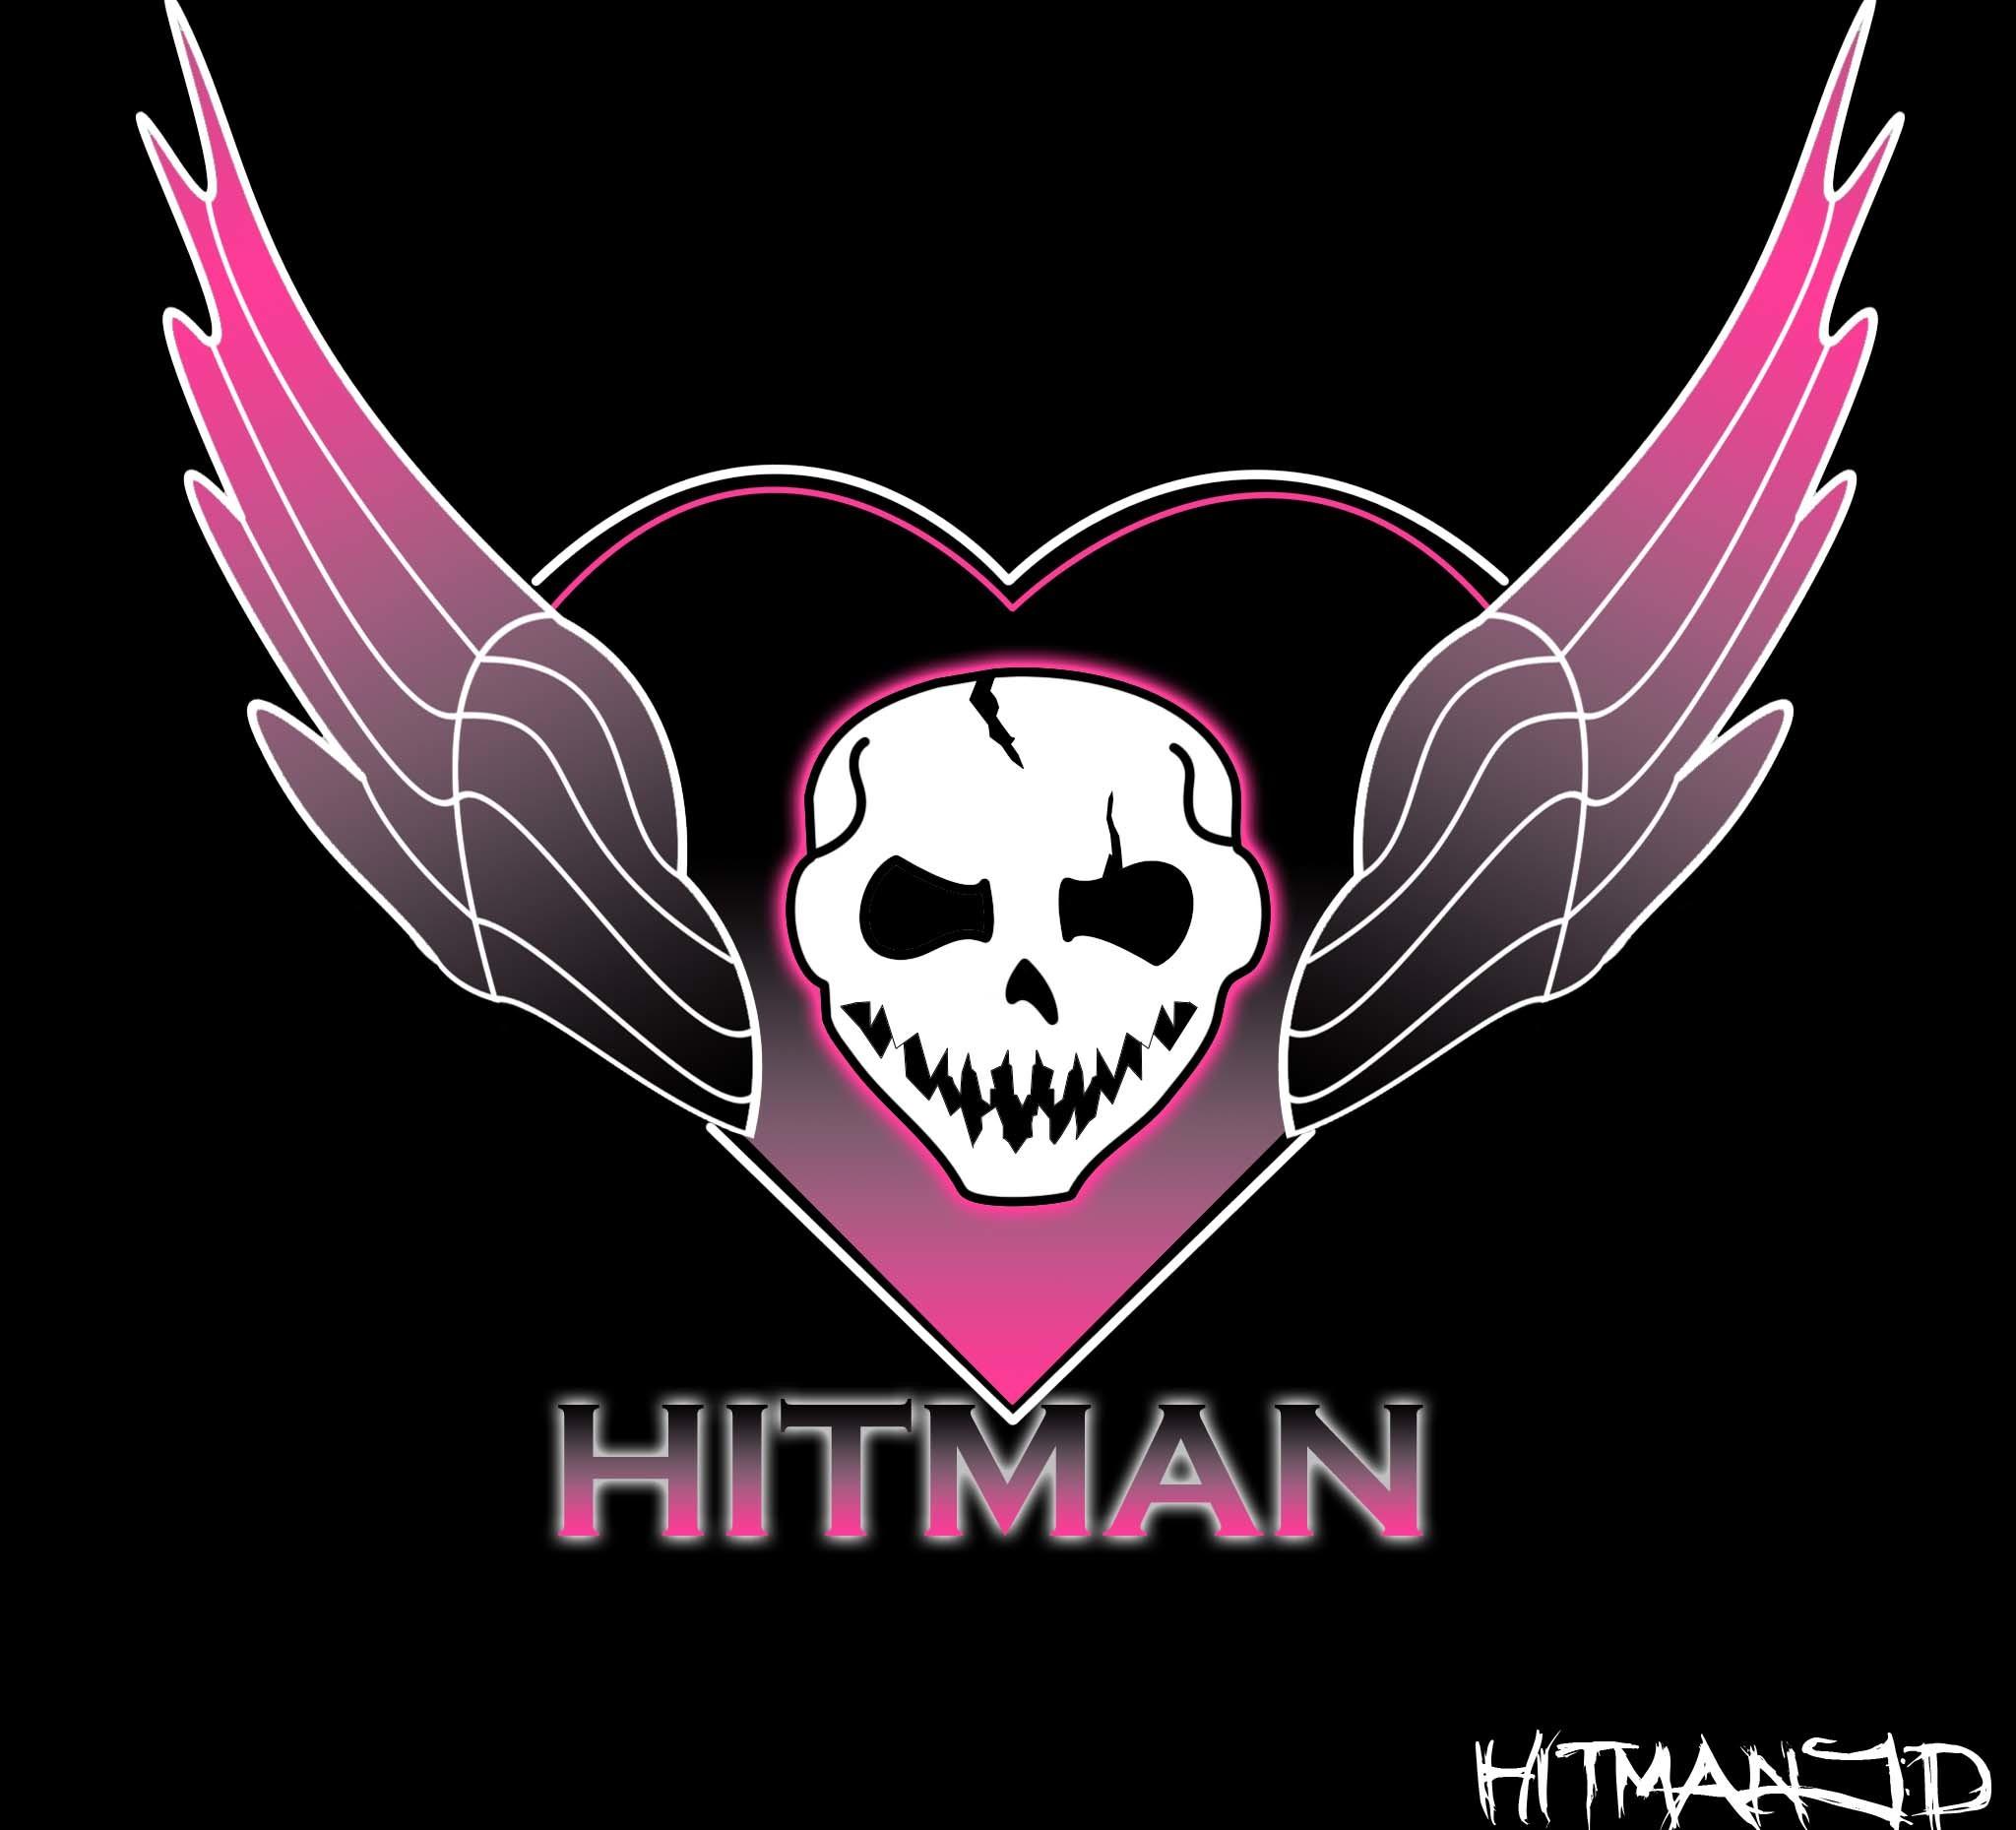 … Bret Hitman Hart Logo by hitmanjd